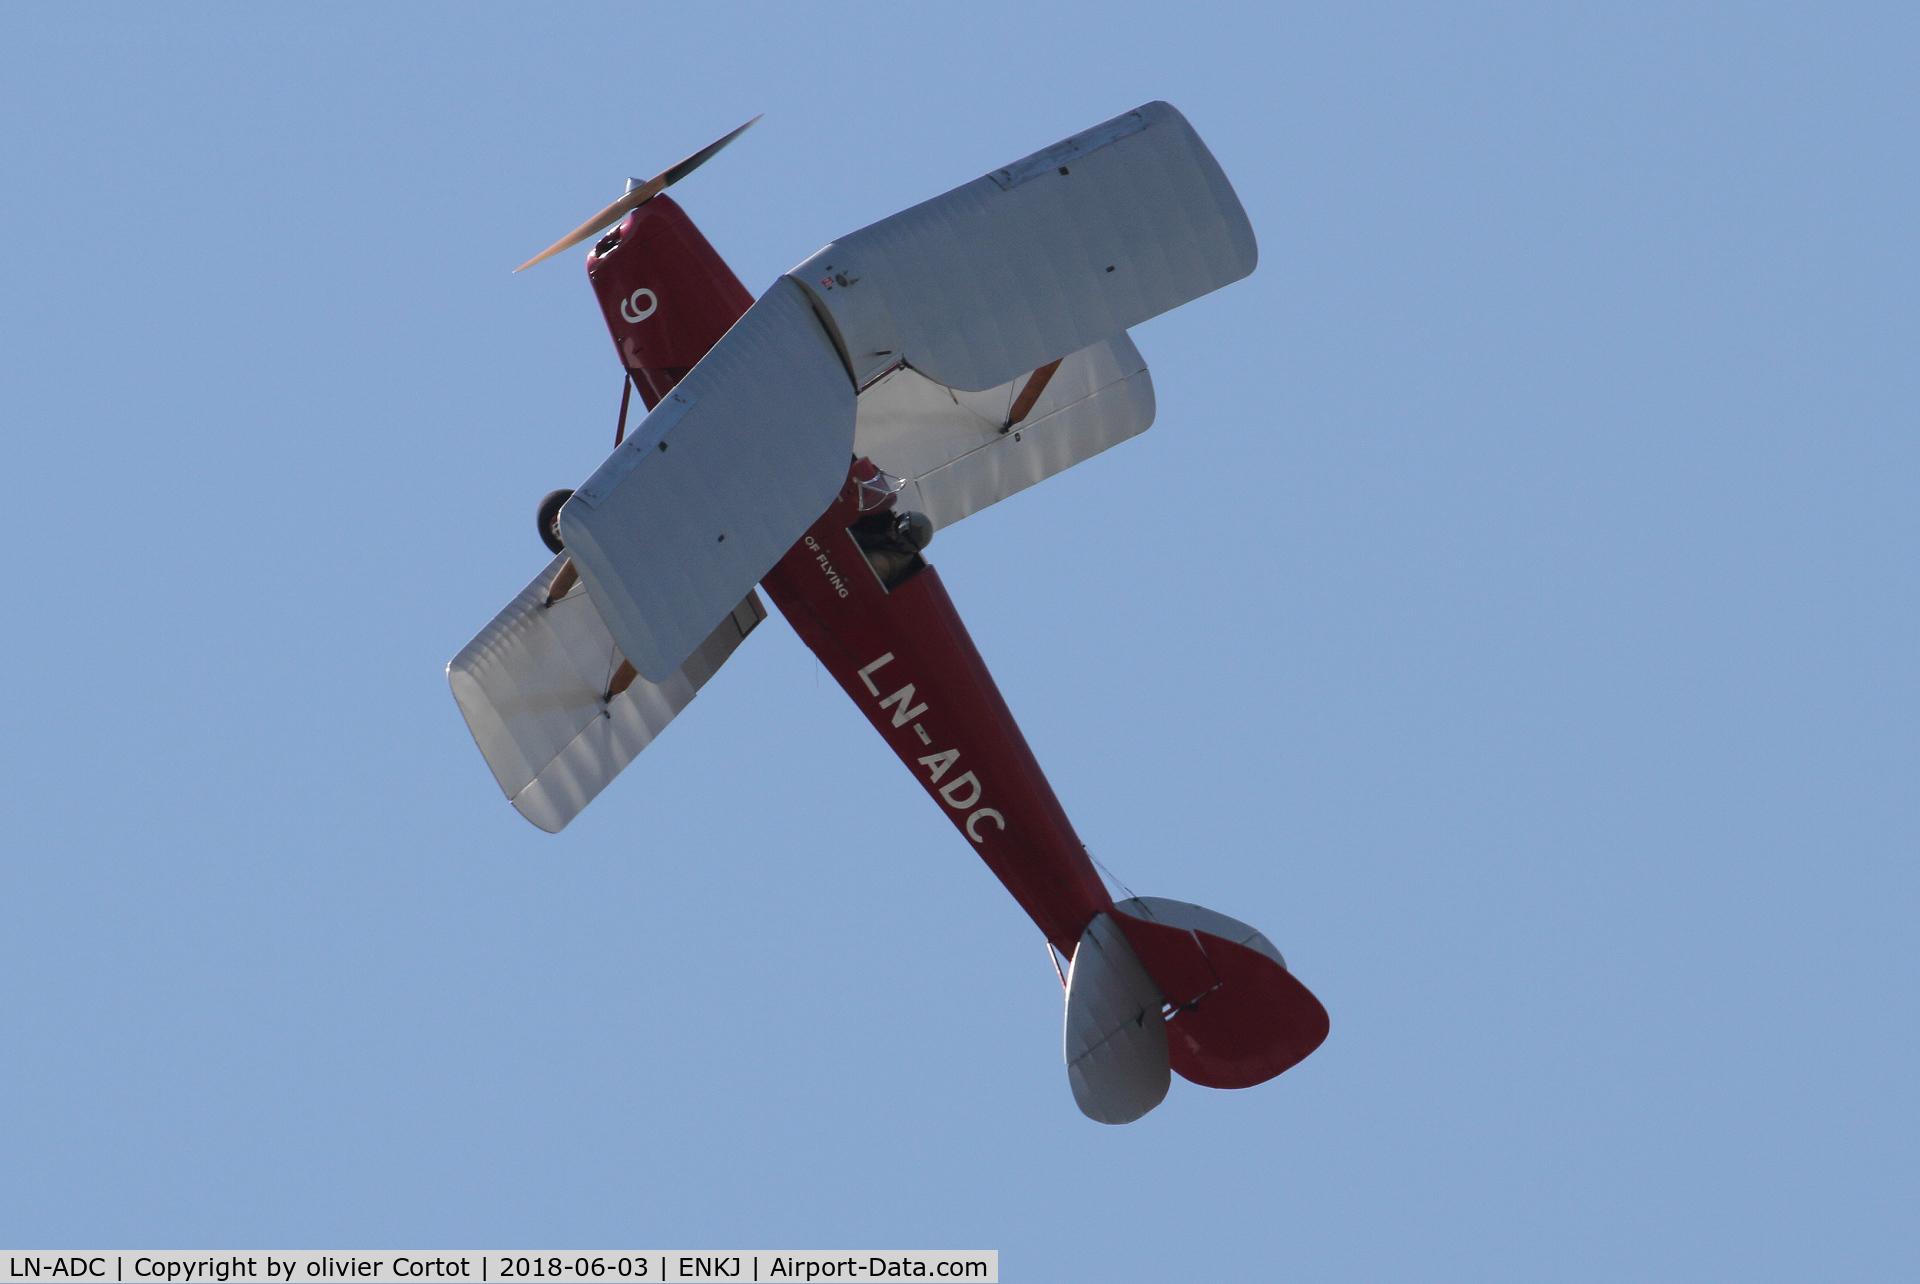 LN-ADC, 1935 De Havilland DH-82A Tiger Moth II C/N 3318, 2018 airshow